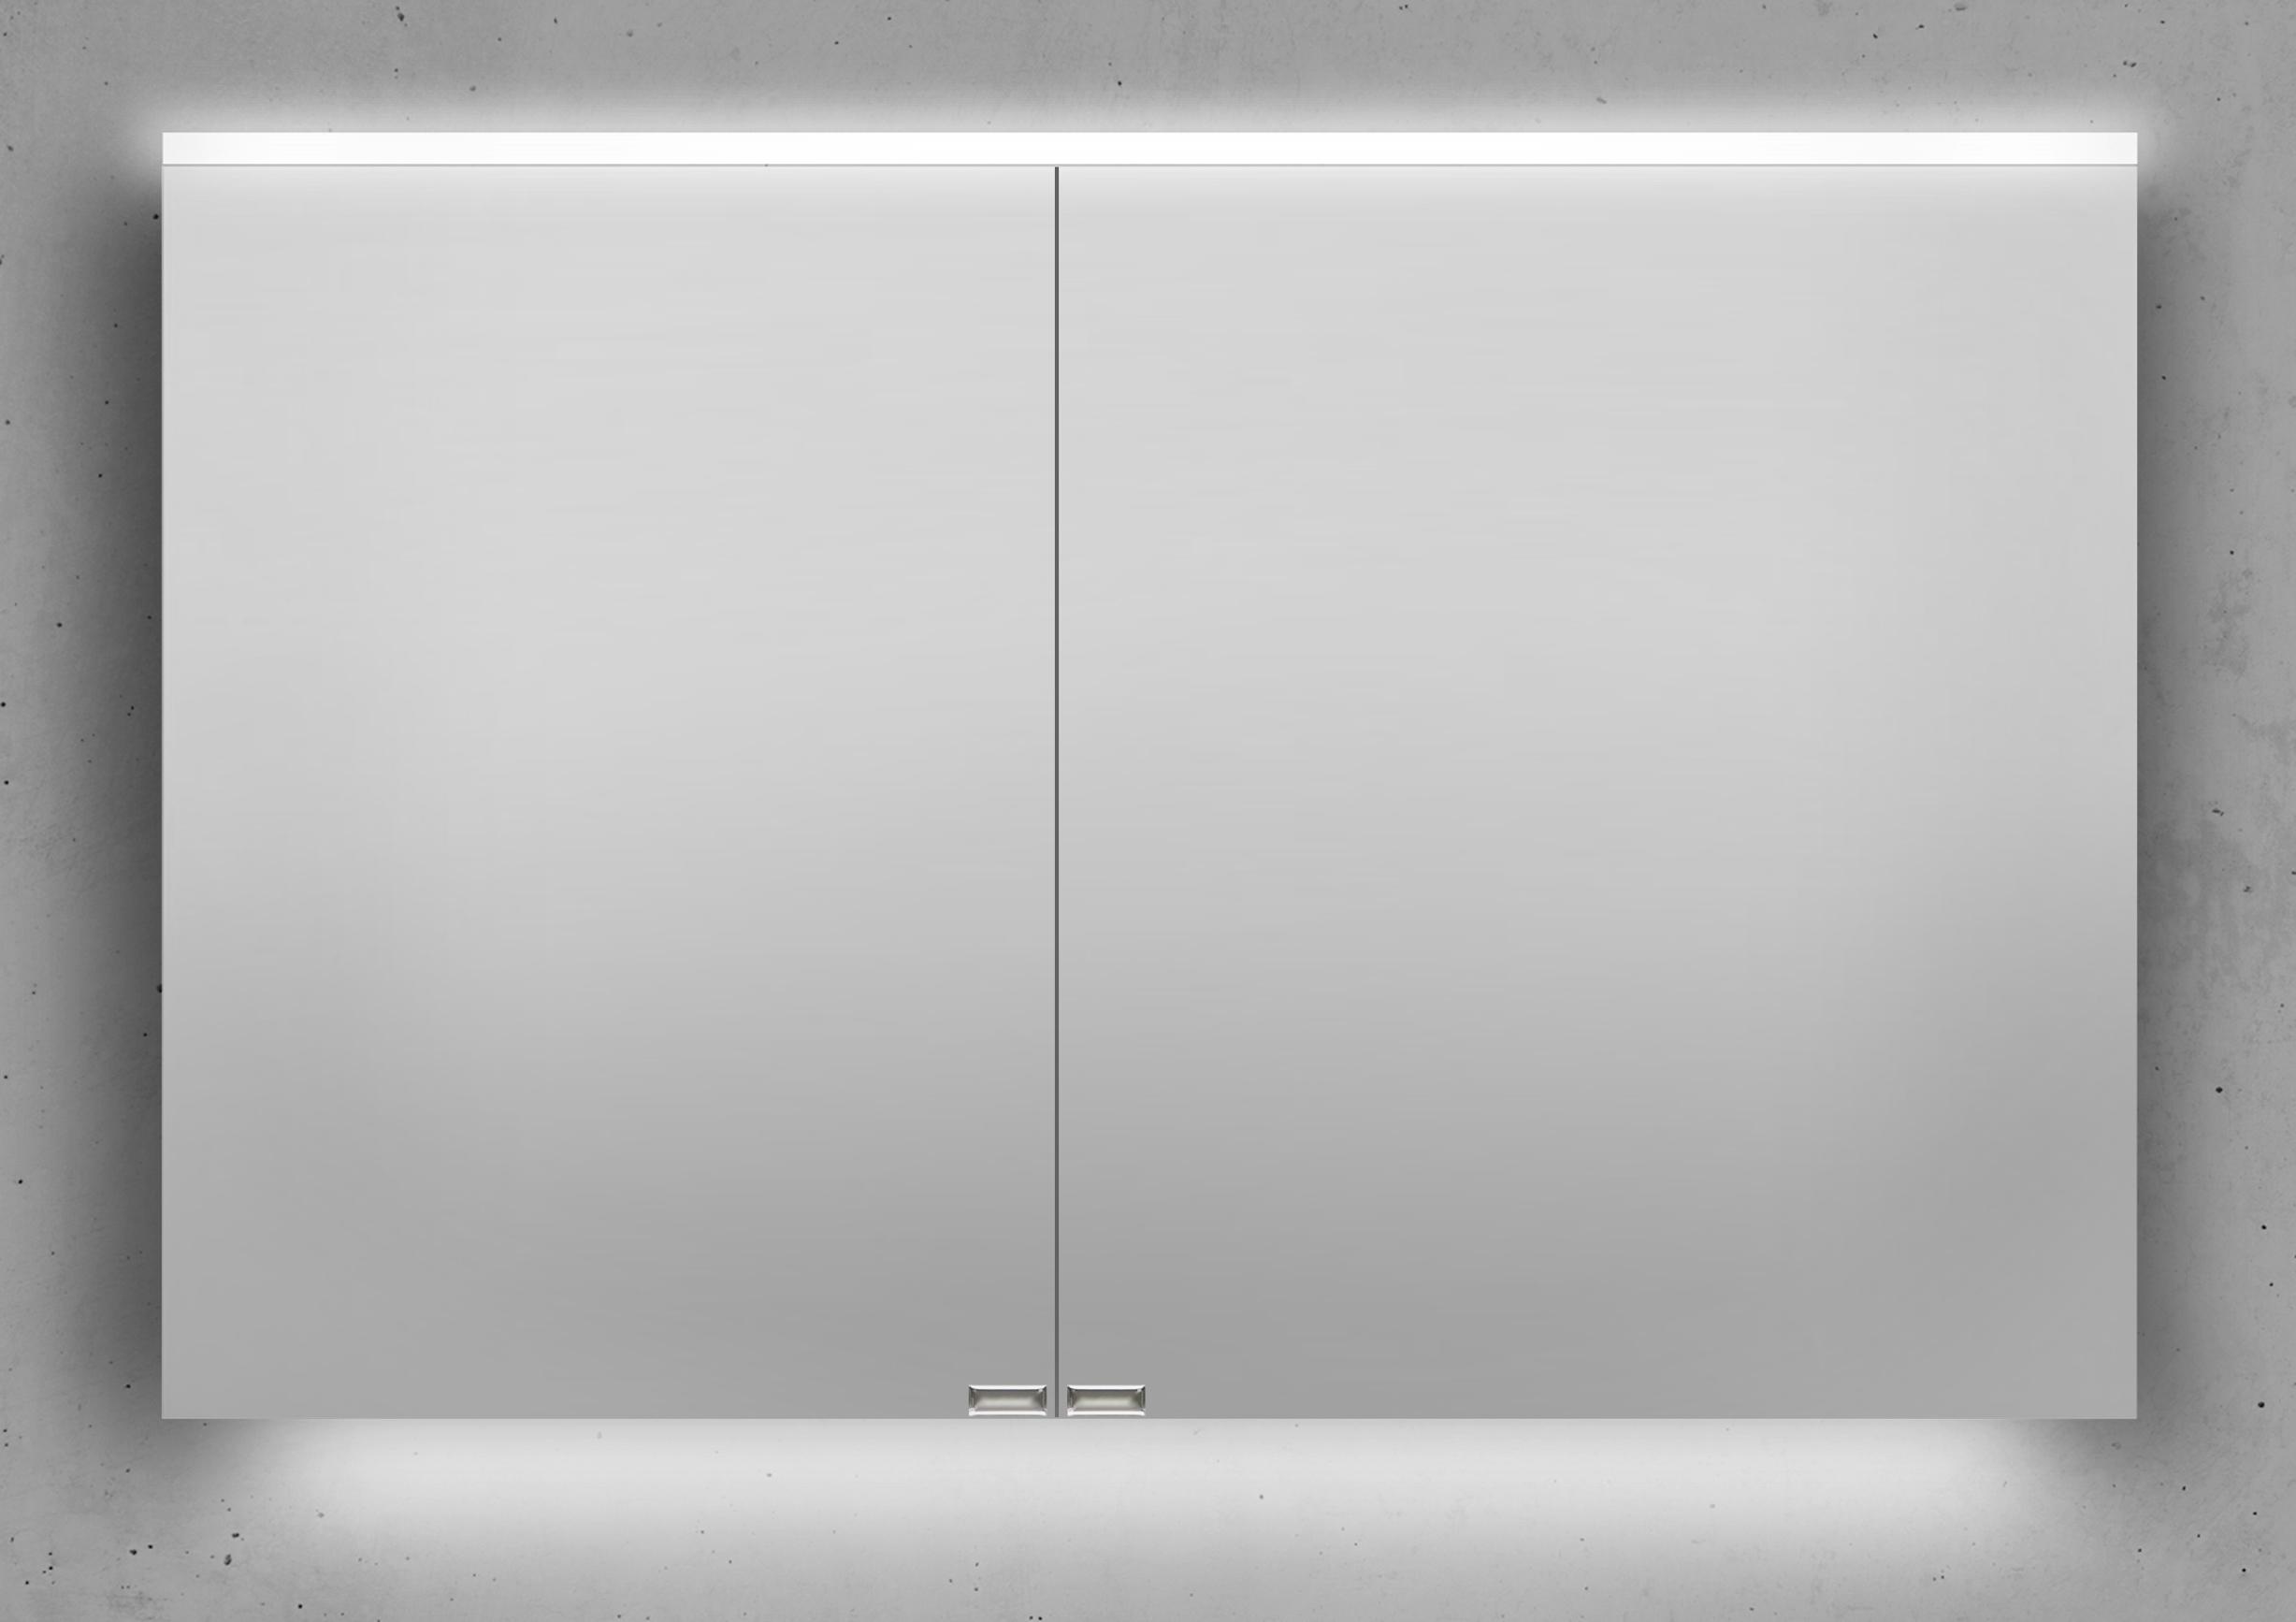 Spiegelschrank 110 cm integrierte led beleuchtung doppelt verspiegelt - Spiegelschrank 110 cm ...